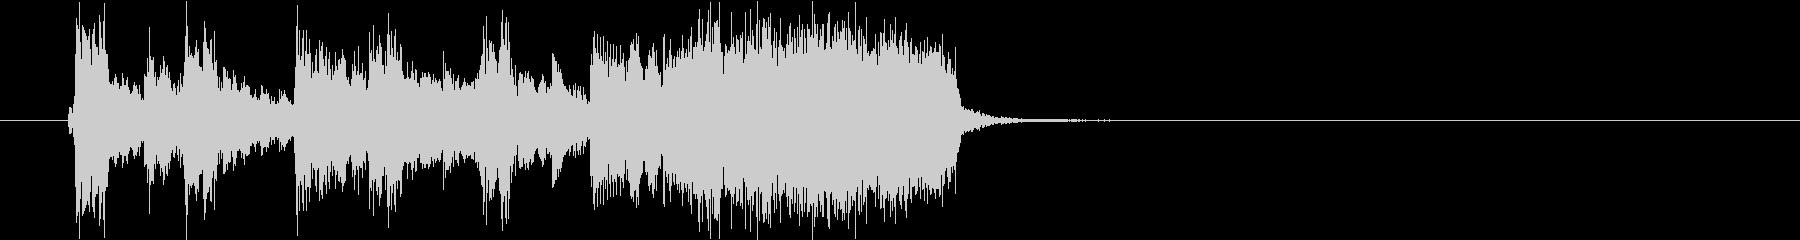 ファンクギターによるE7のジングルの未再生の波形